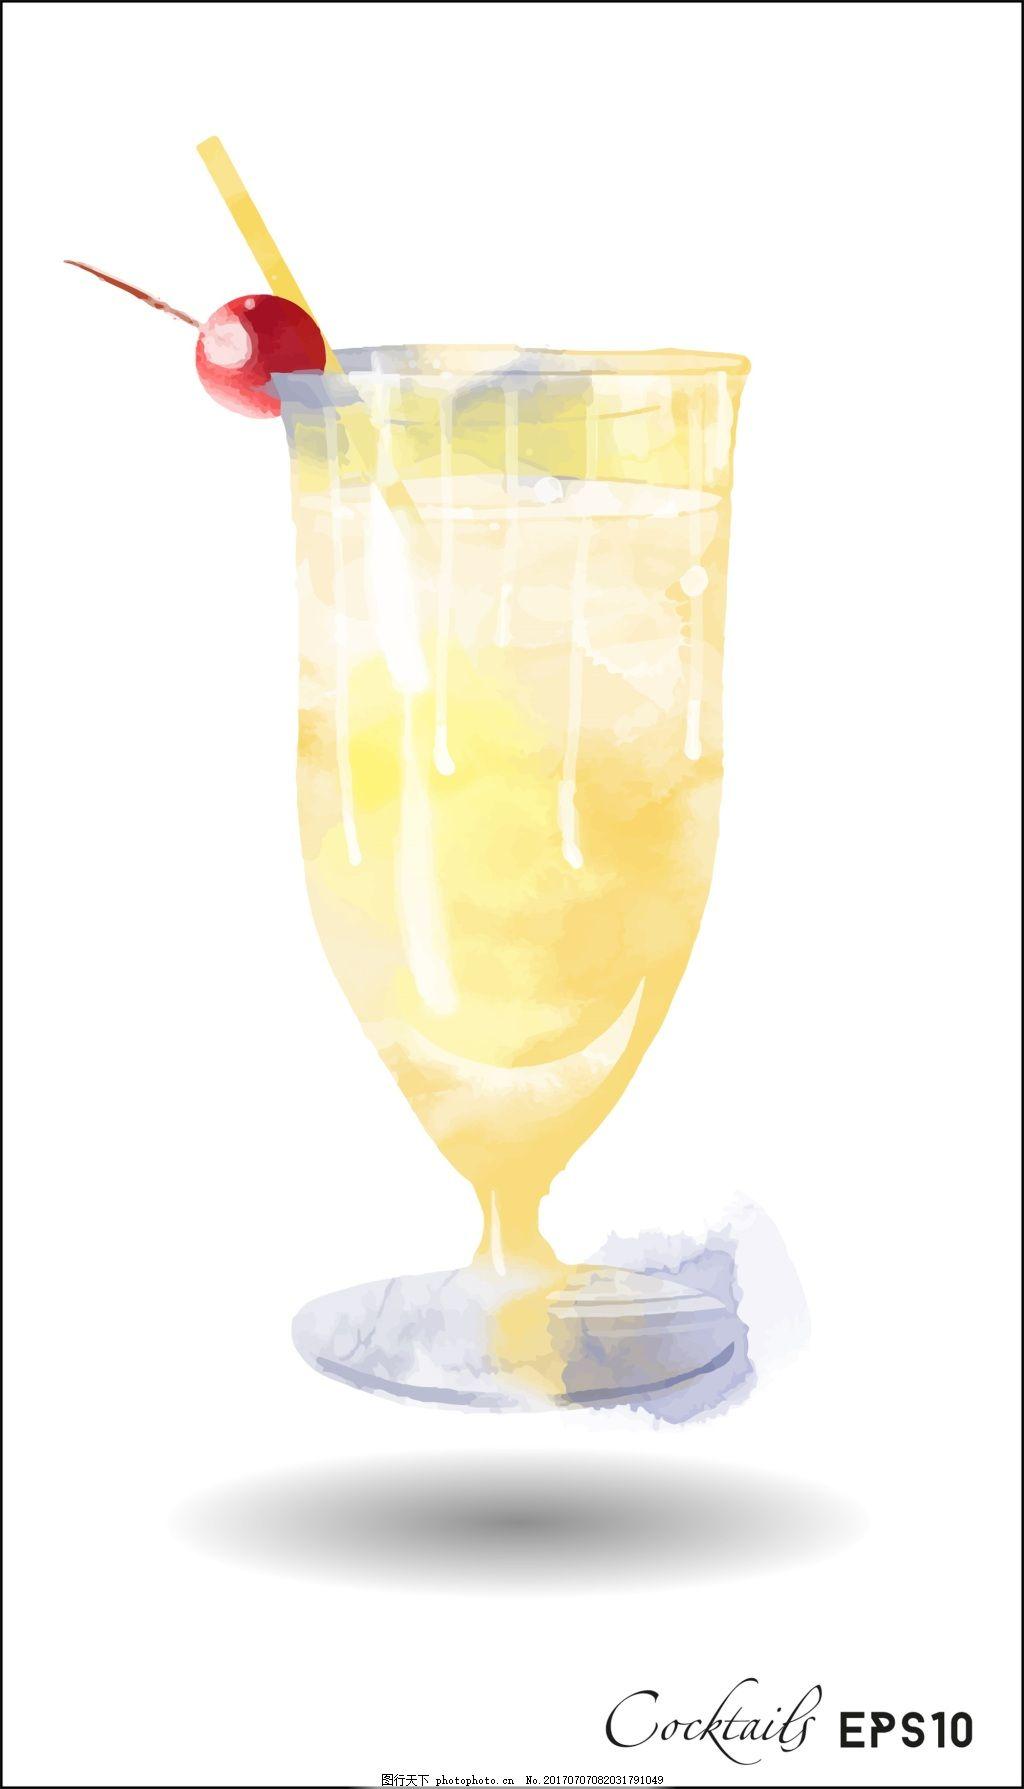 夏日黄色水果饮料招贴海报手绘水彩矢量图